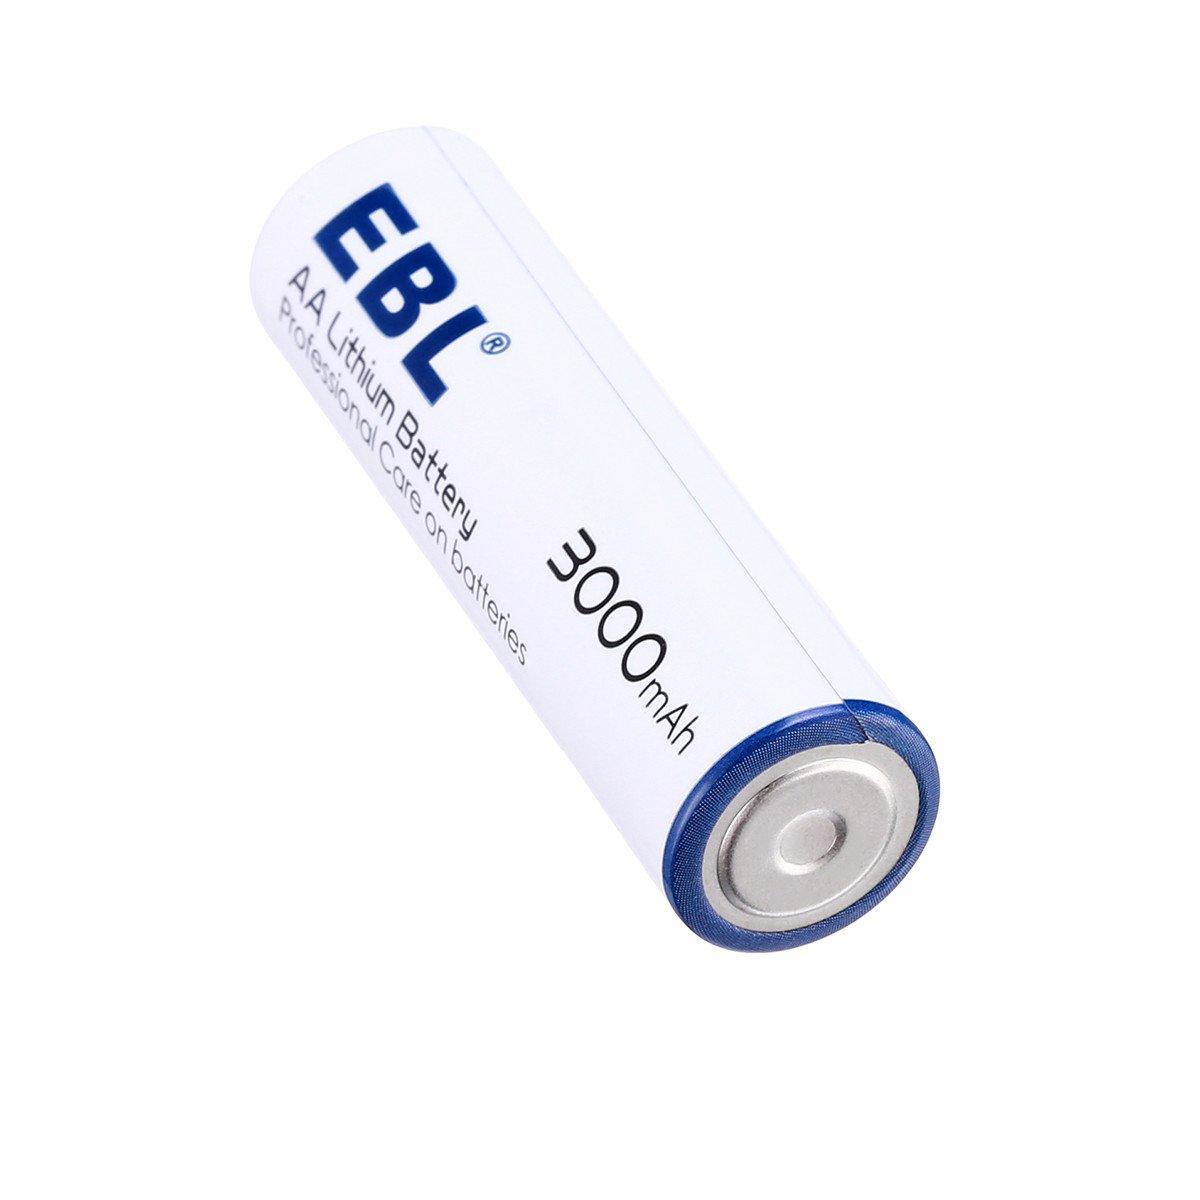 EBL Haltbarkeit AA 1.5Volt Lithium Batterien 8 Stück